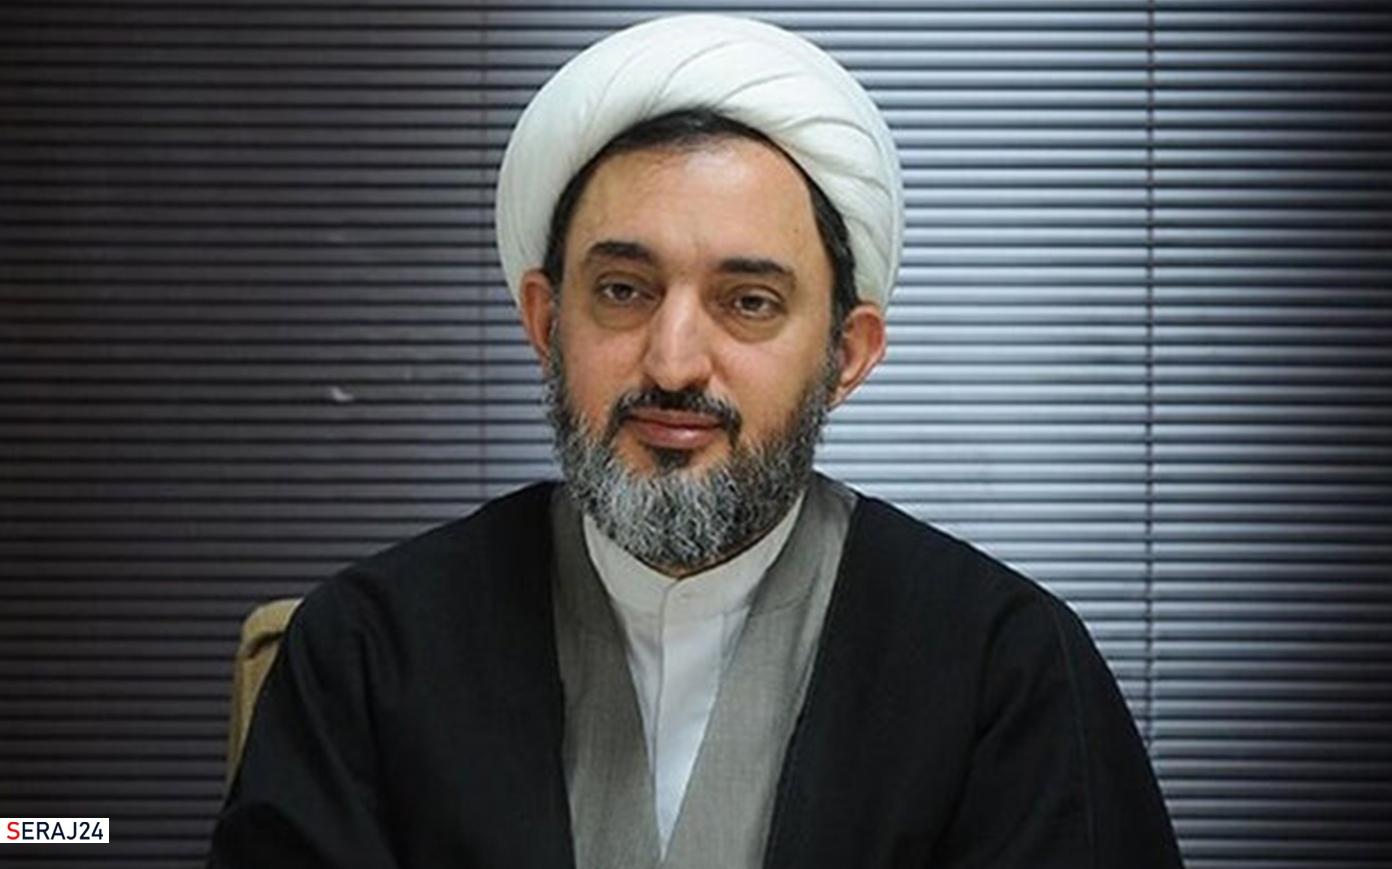 دولت سیزدهم کار سختی دارد/ مشکلات در دولت روحانی انباشته شده است